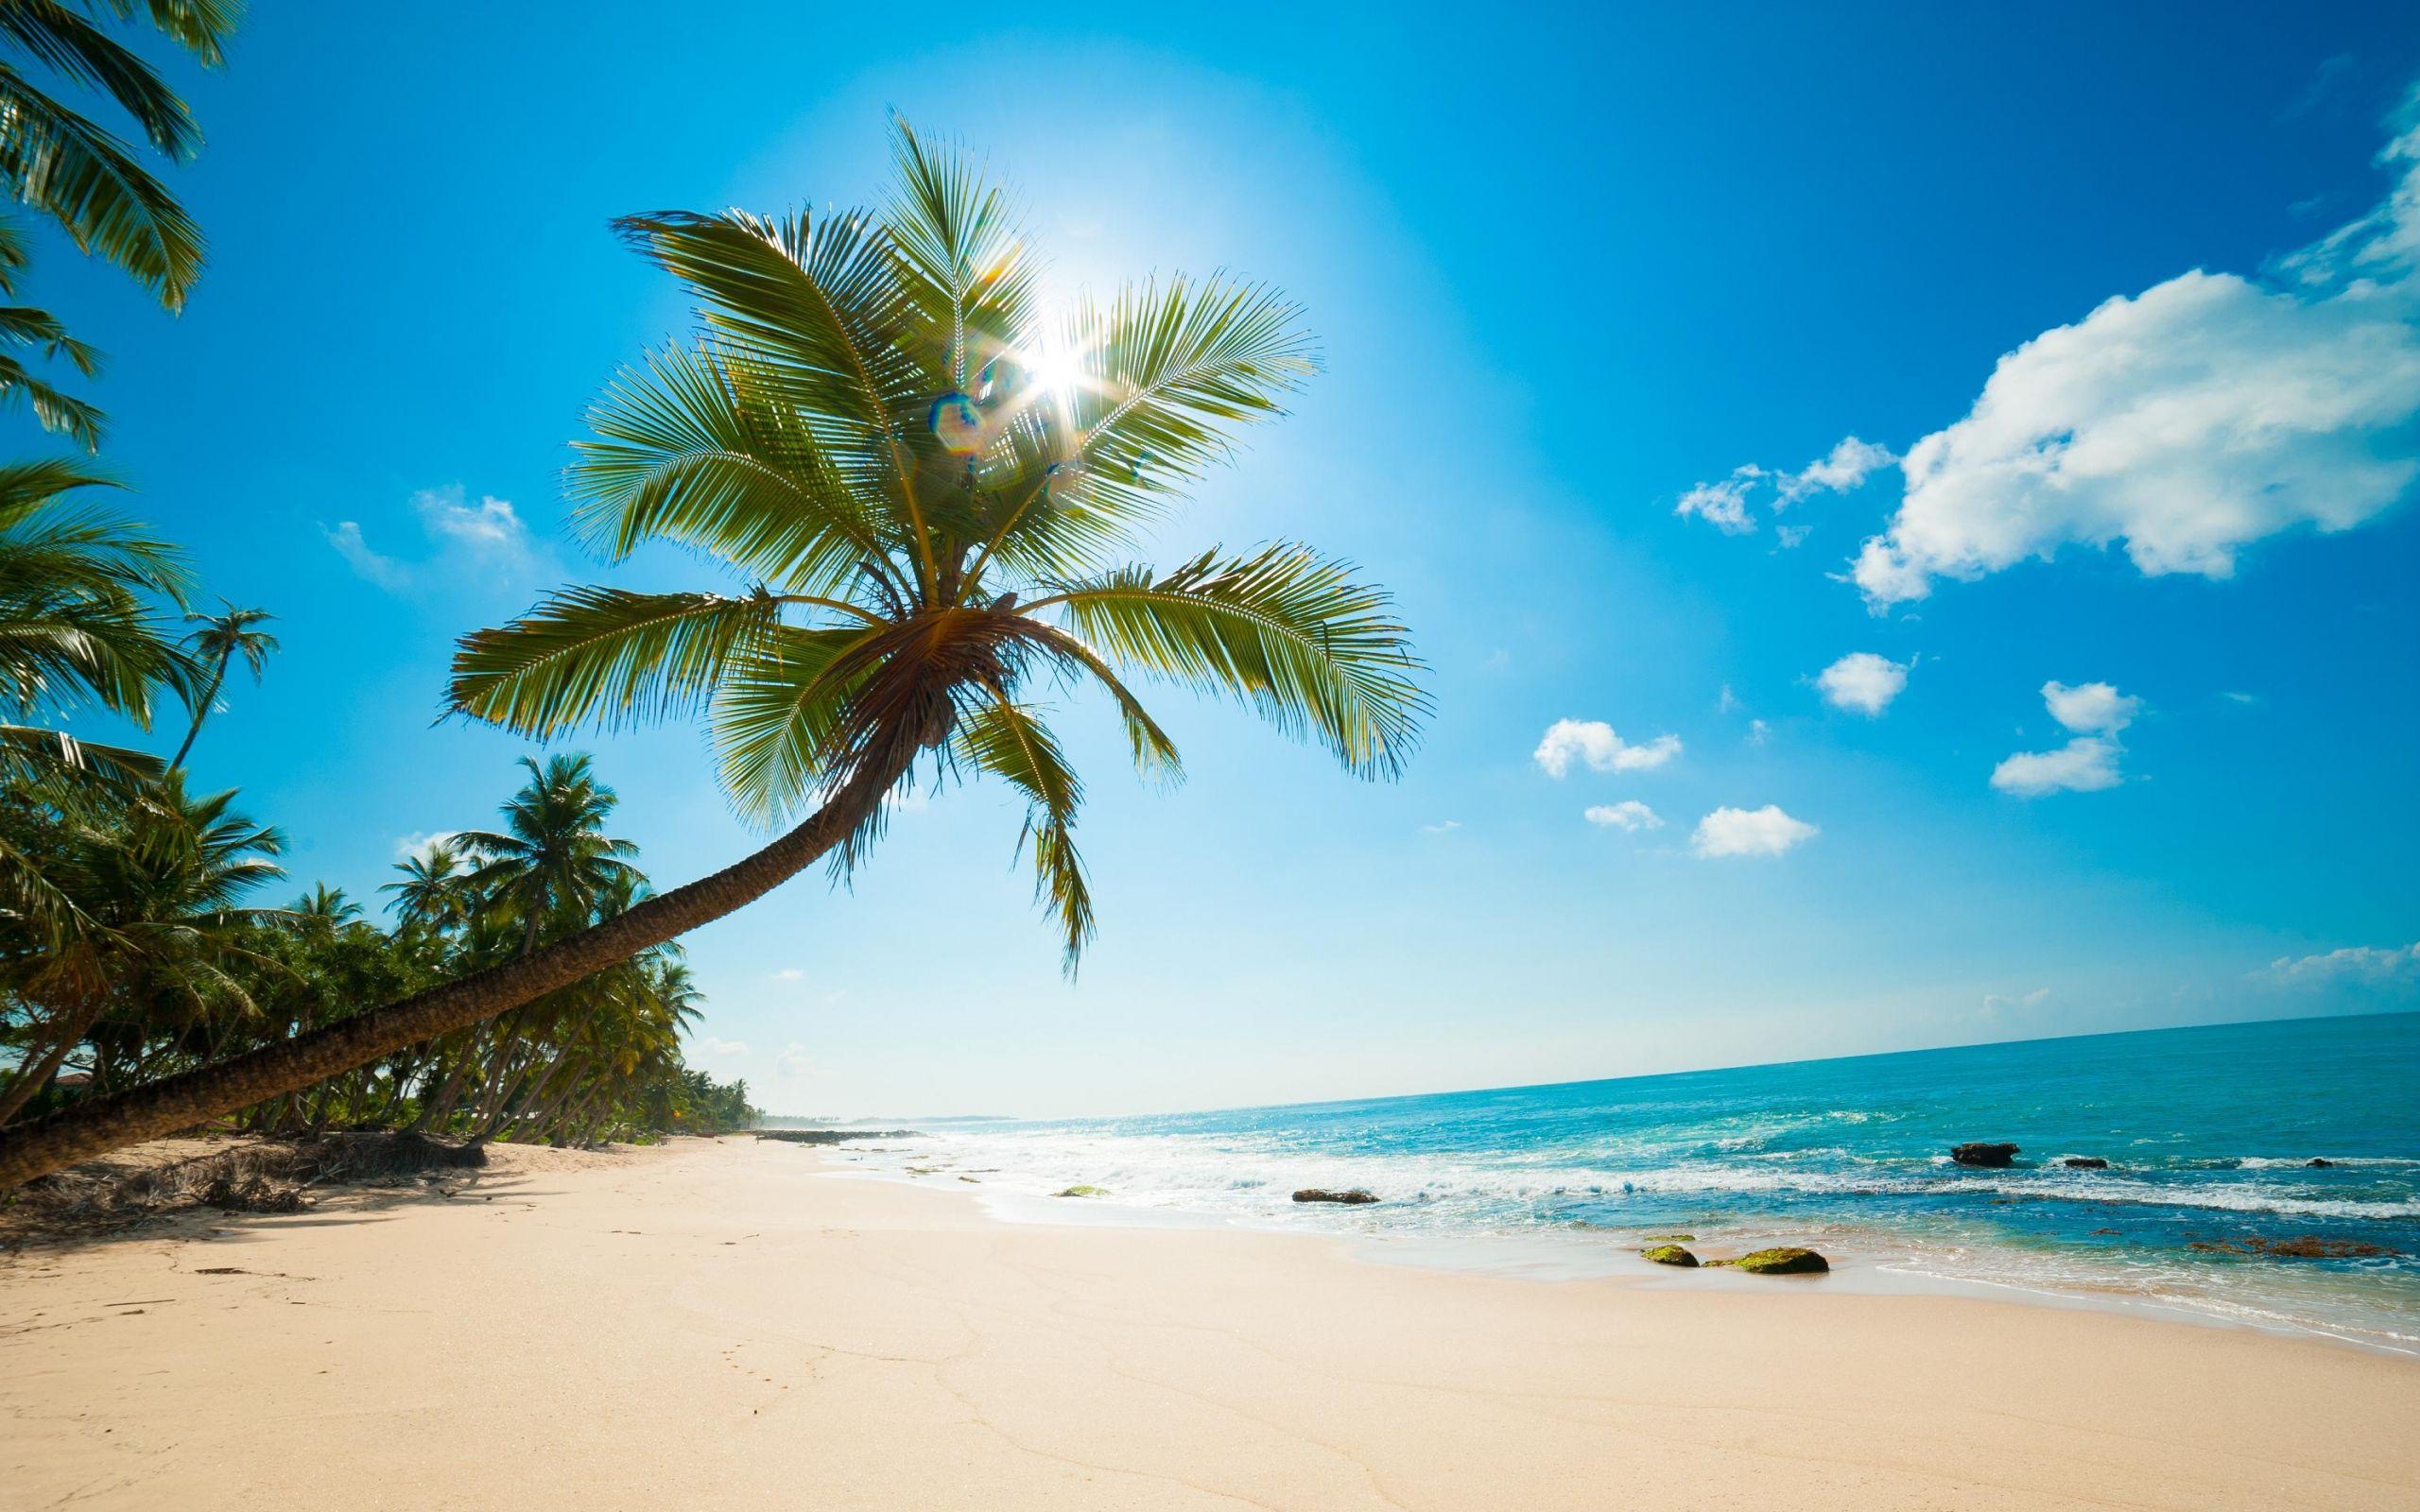 Microsoft Palm Tree Wallpaper Hd Google Search Beach Wallpaper Beach Wall Murals Caribbean Beaches